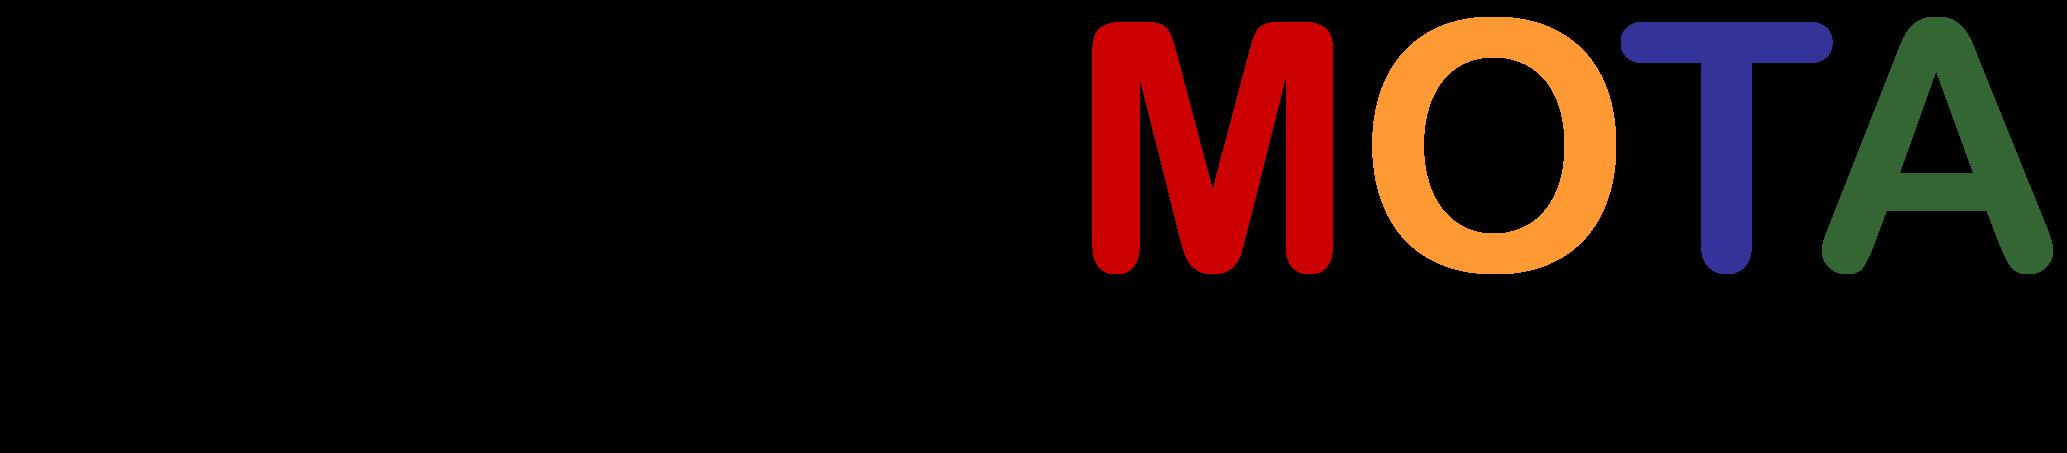 MotaChashma